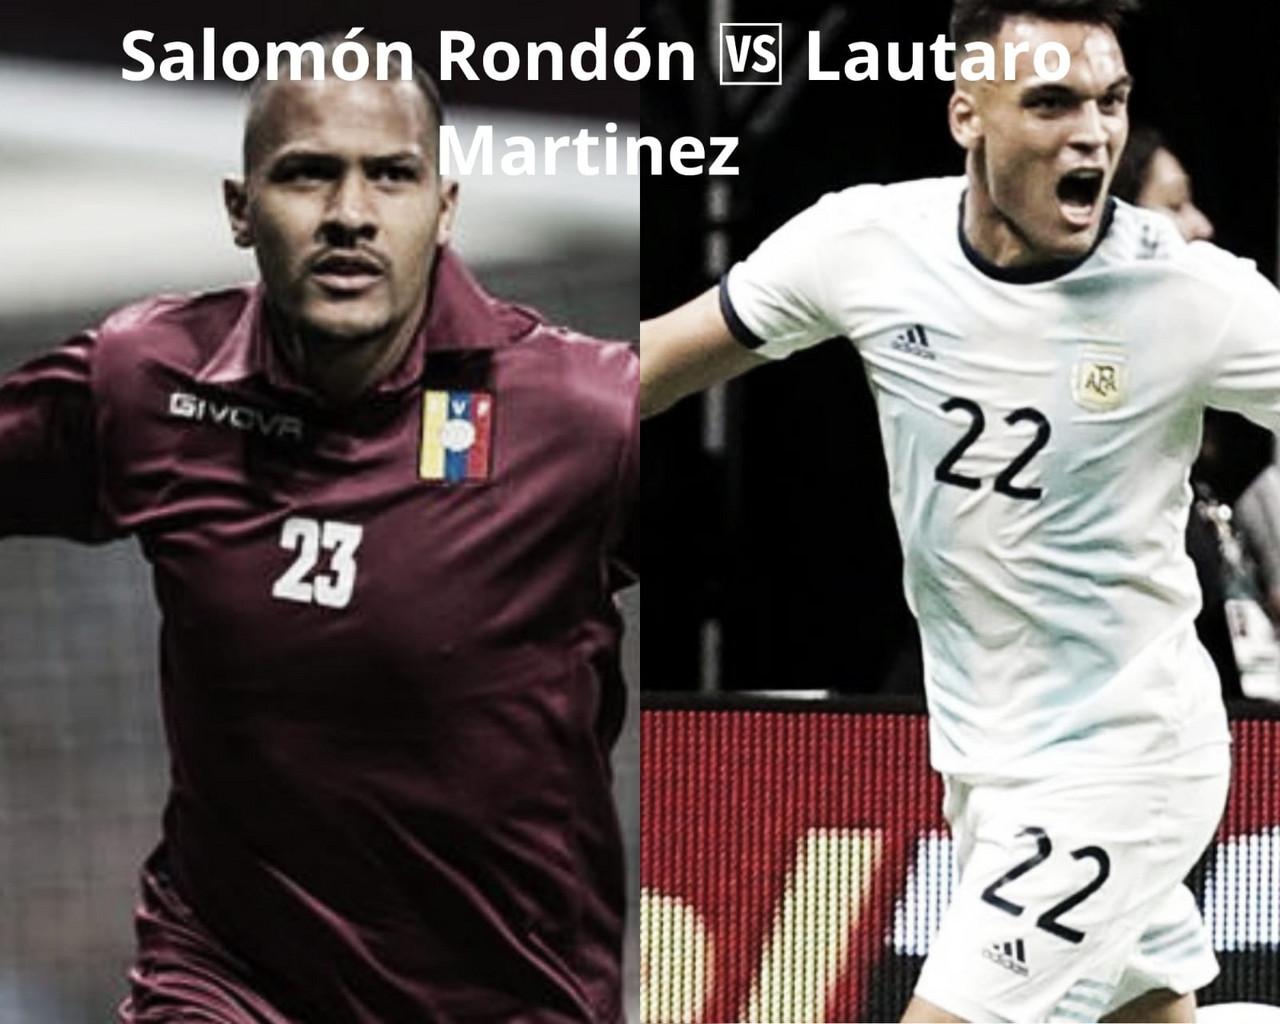 Lautaro vs Rondón: La juventud del Toro vs la experiencia del Rey